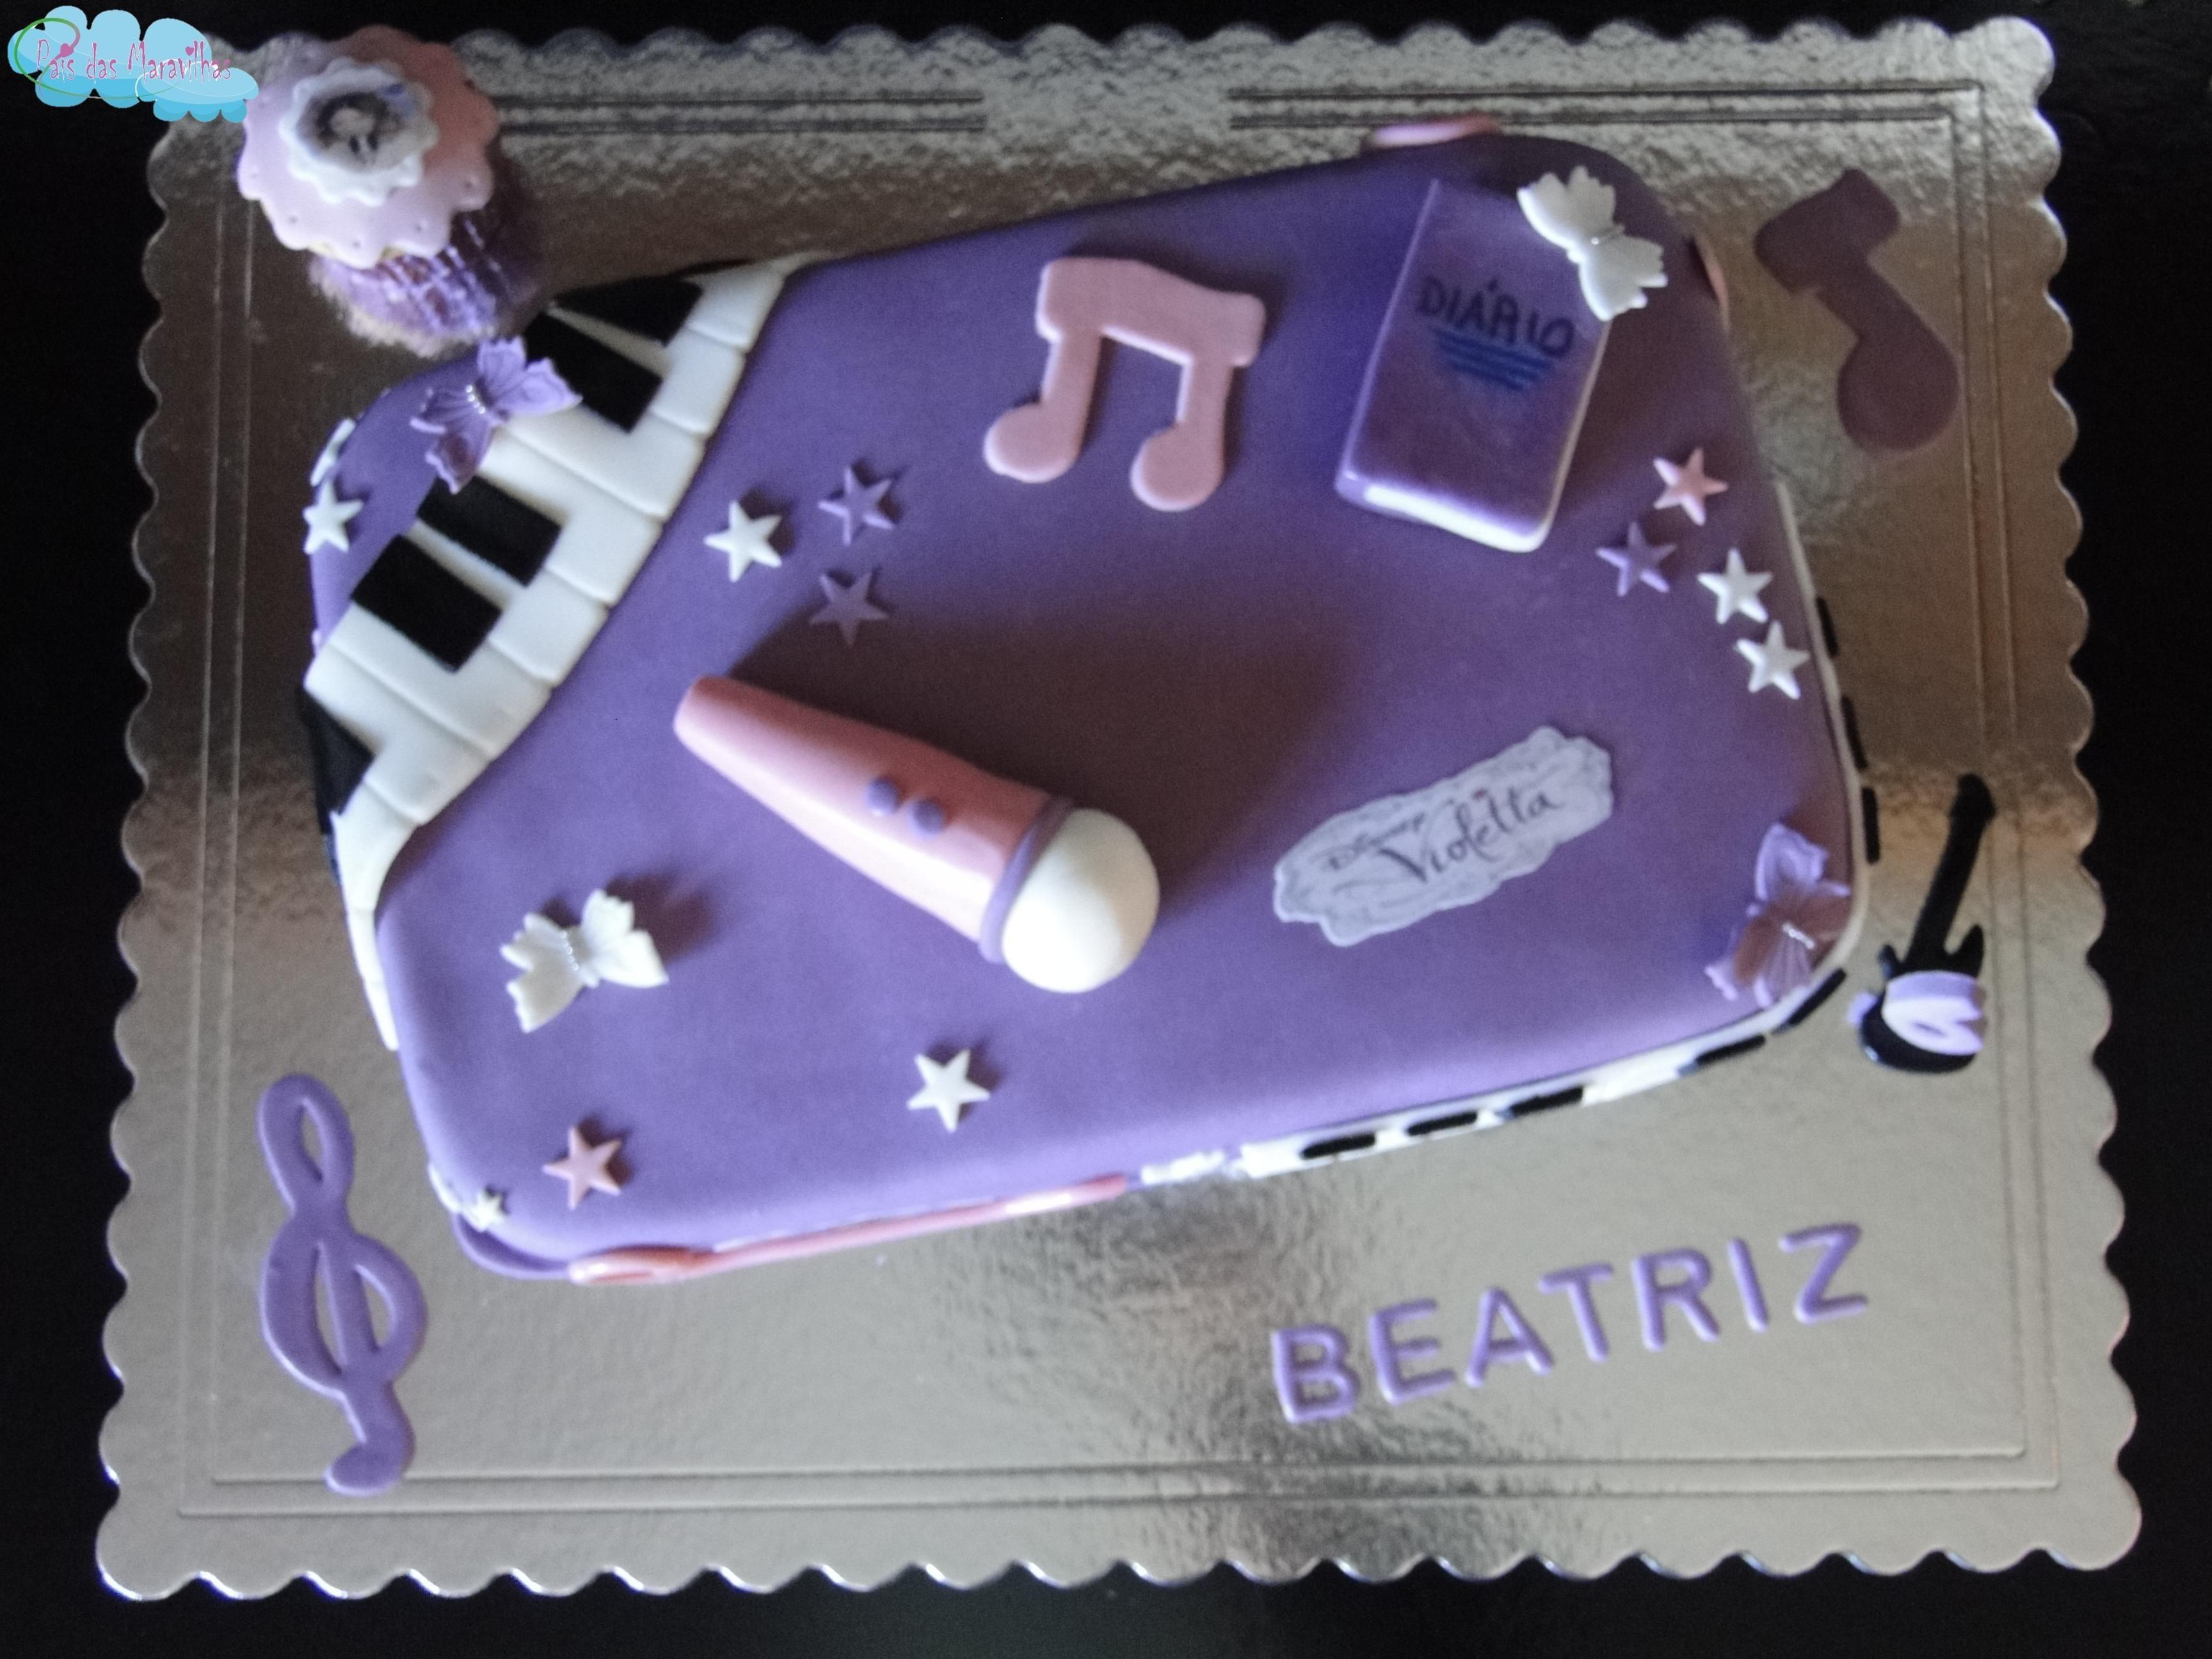 Beatriz faz a festa com a sua grande estrela Violetta